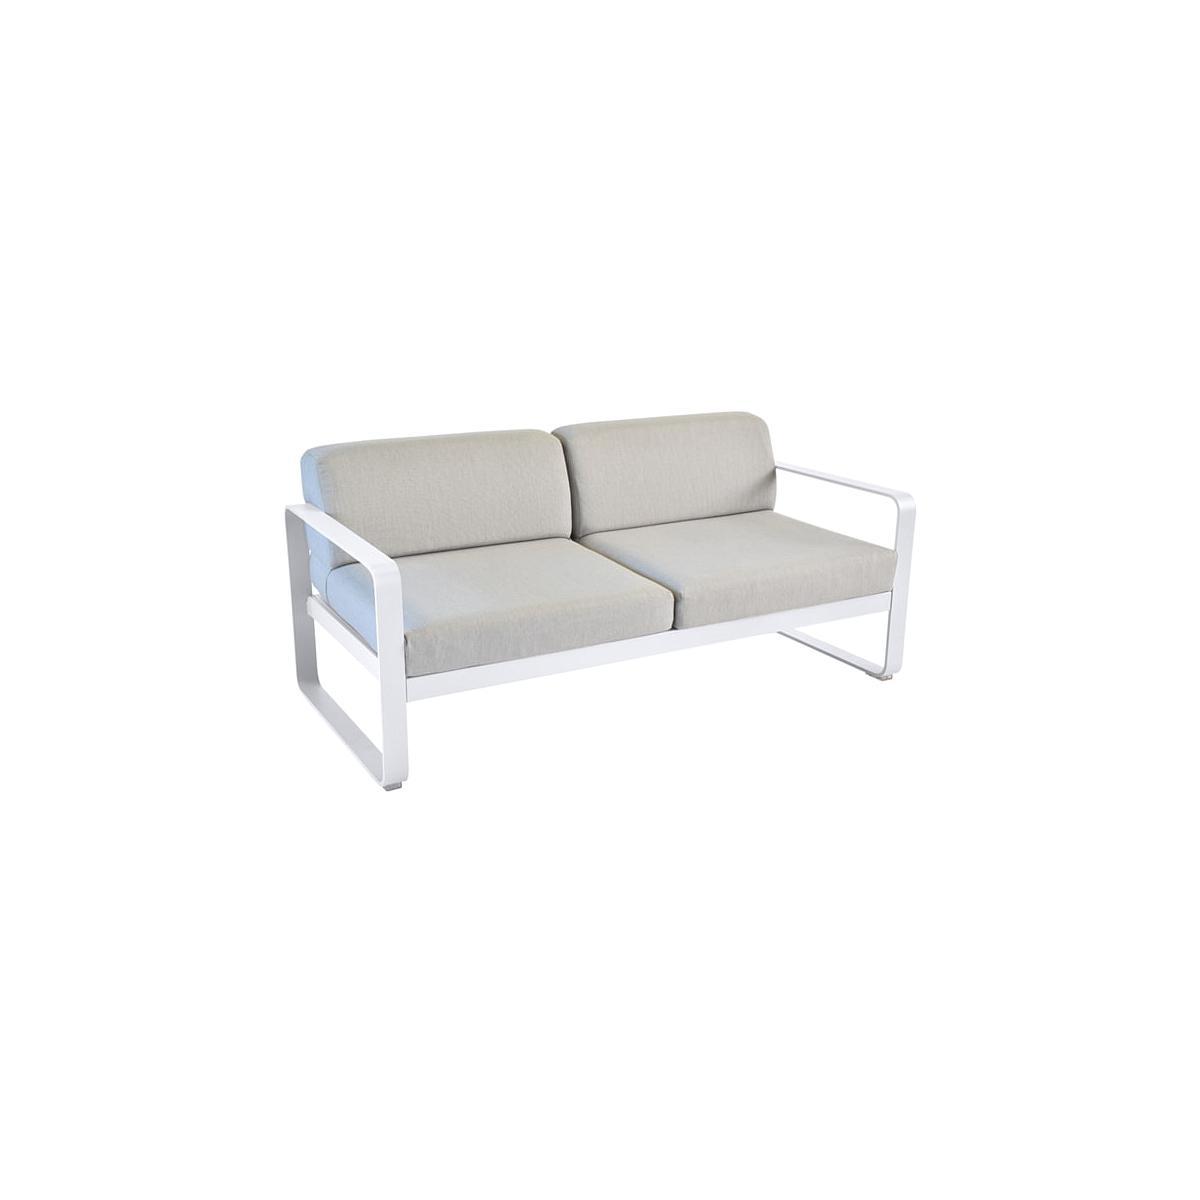 Canapé de jardin BELLEVIE Fermob BLANC COTON coussins gris flanelle